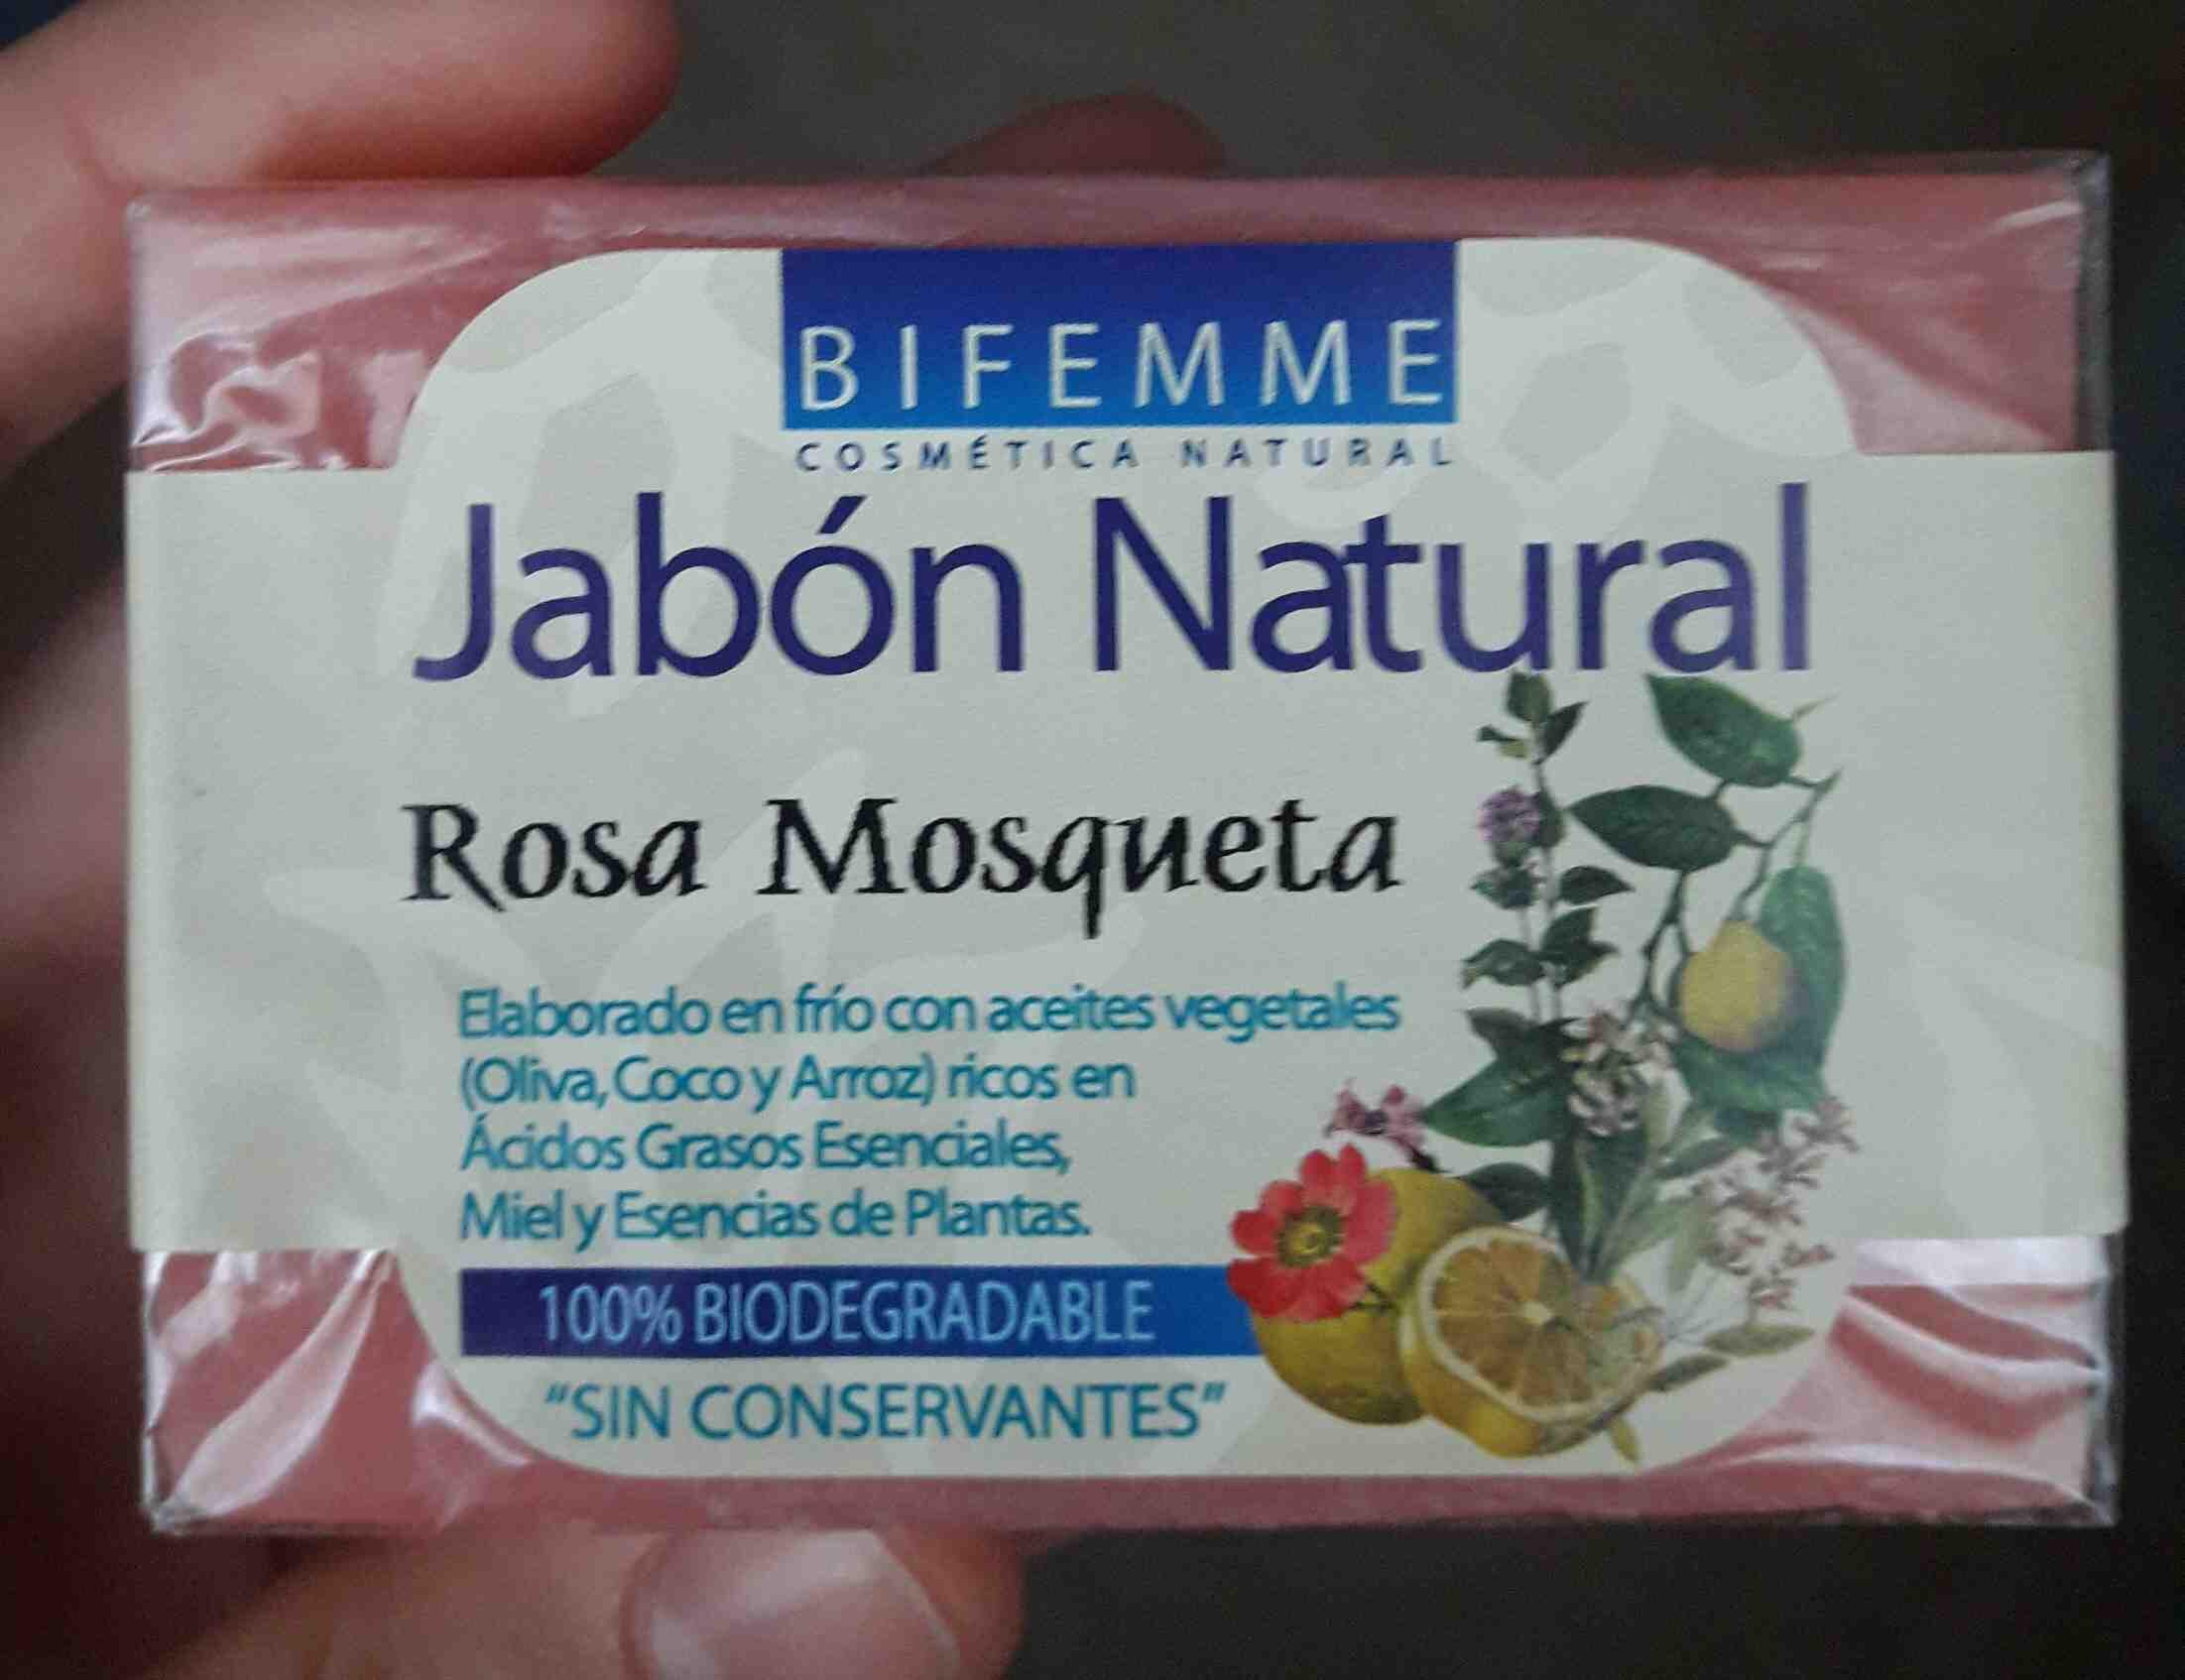 Jabon natural rosa mosqueta - Product - en